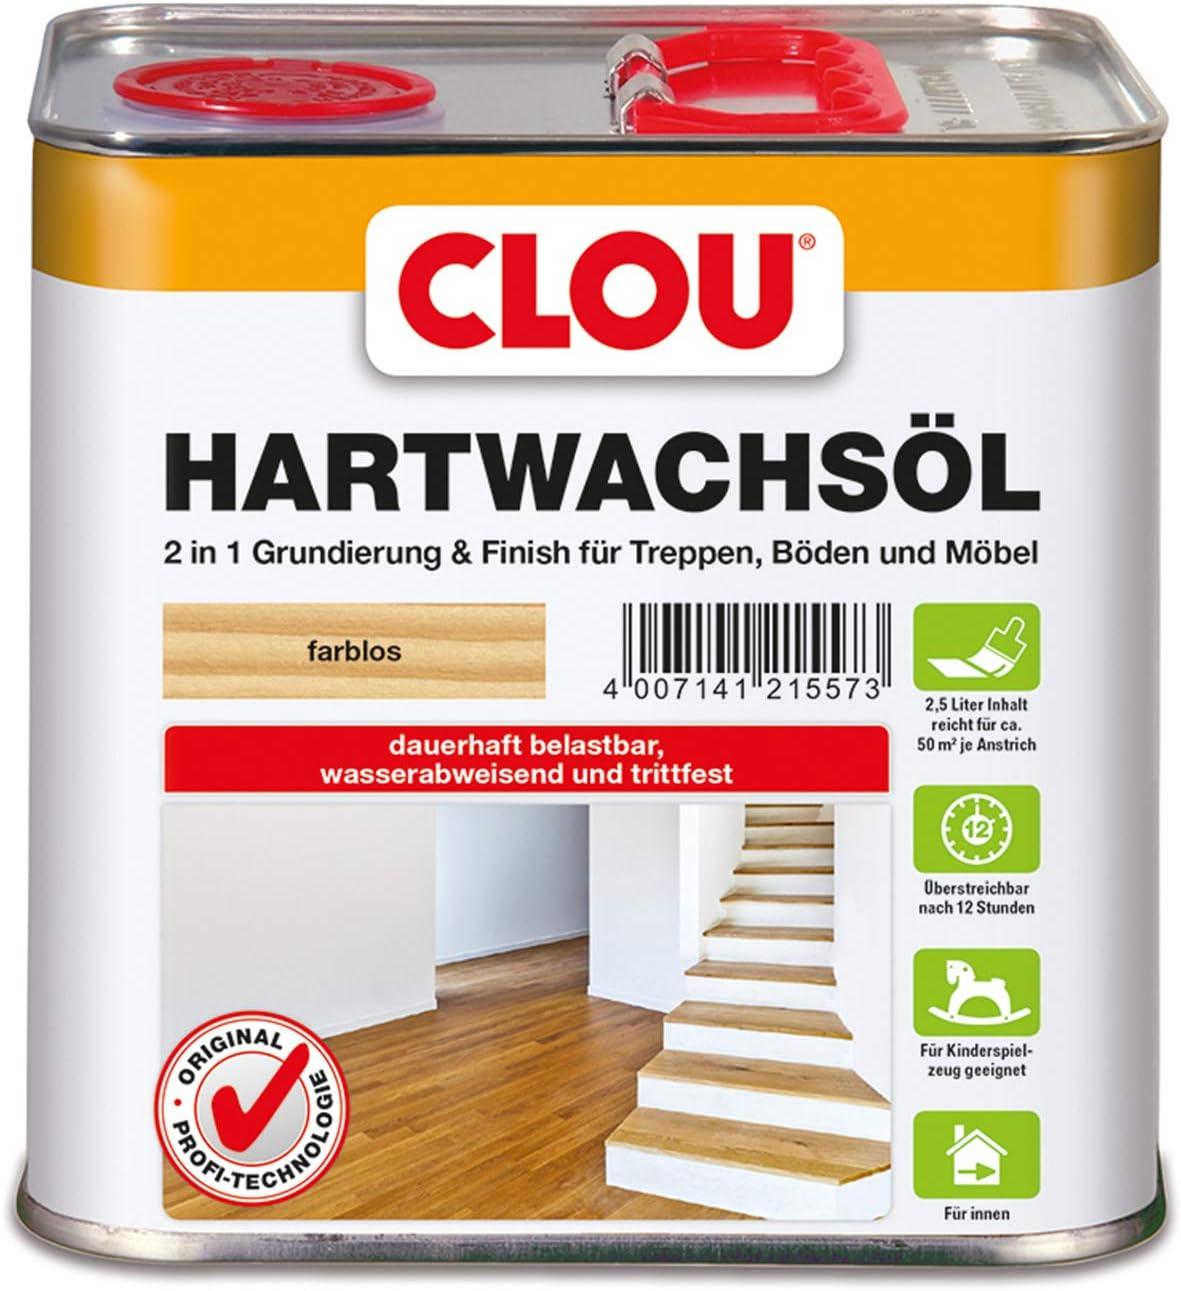 Format 4007141215573 - Hartwachs-ñl farblos 2.5l: Amazon.es: Bricolaje y herramientas